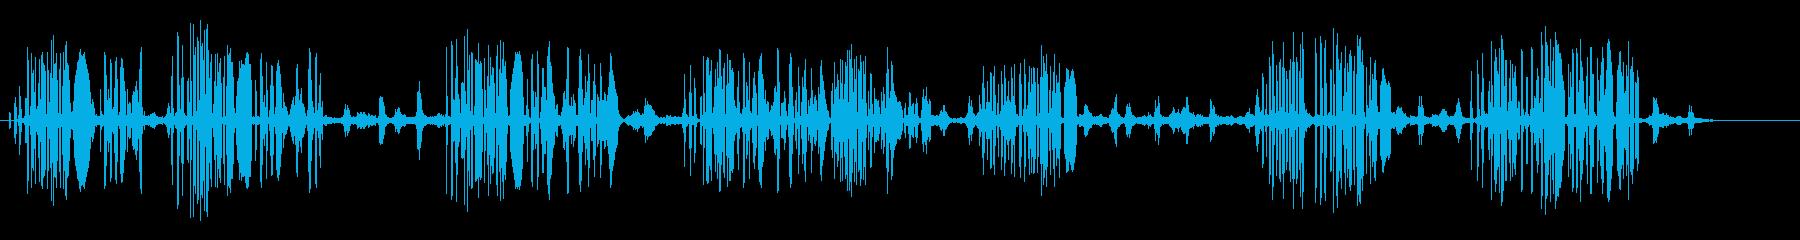 ゴールドフィンチ鳥の再生済みの波形